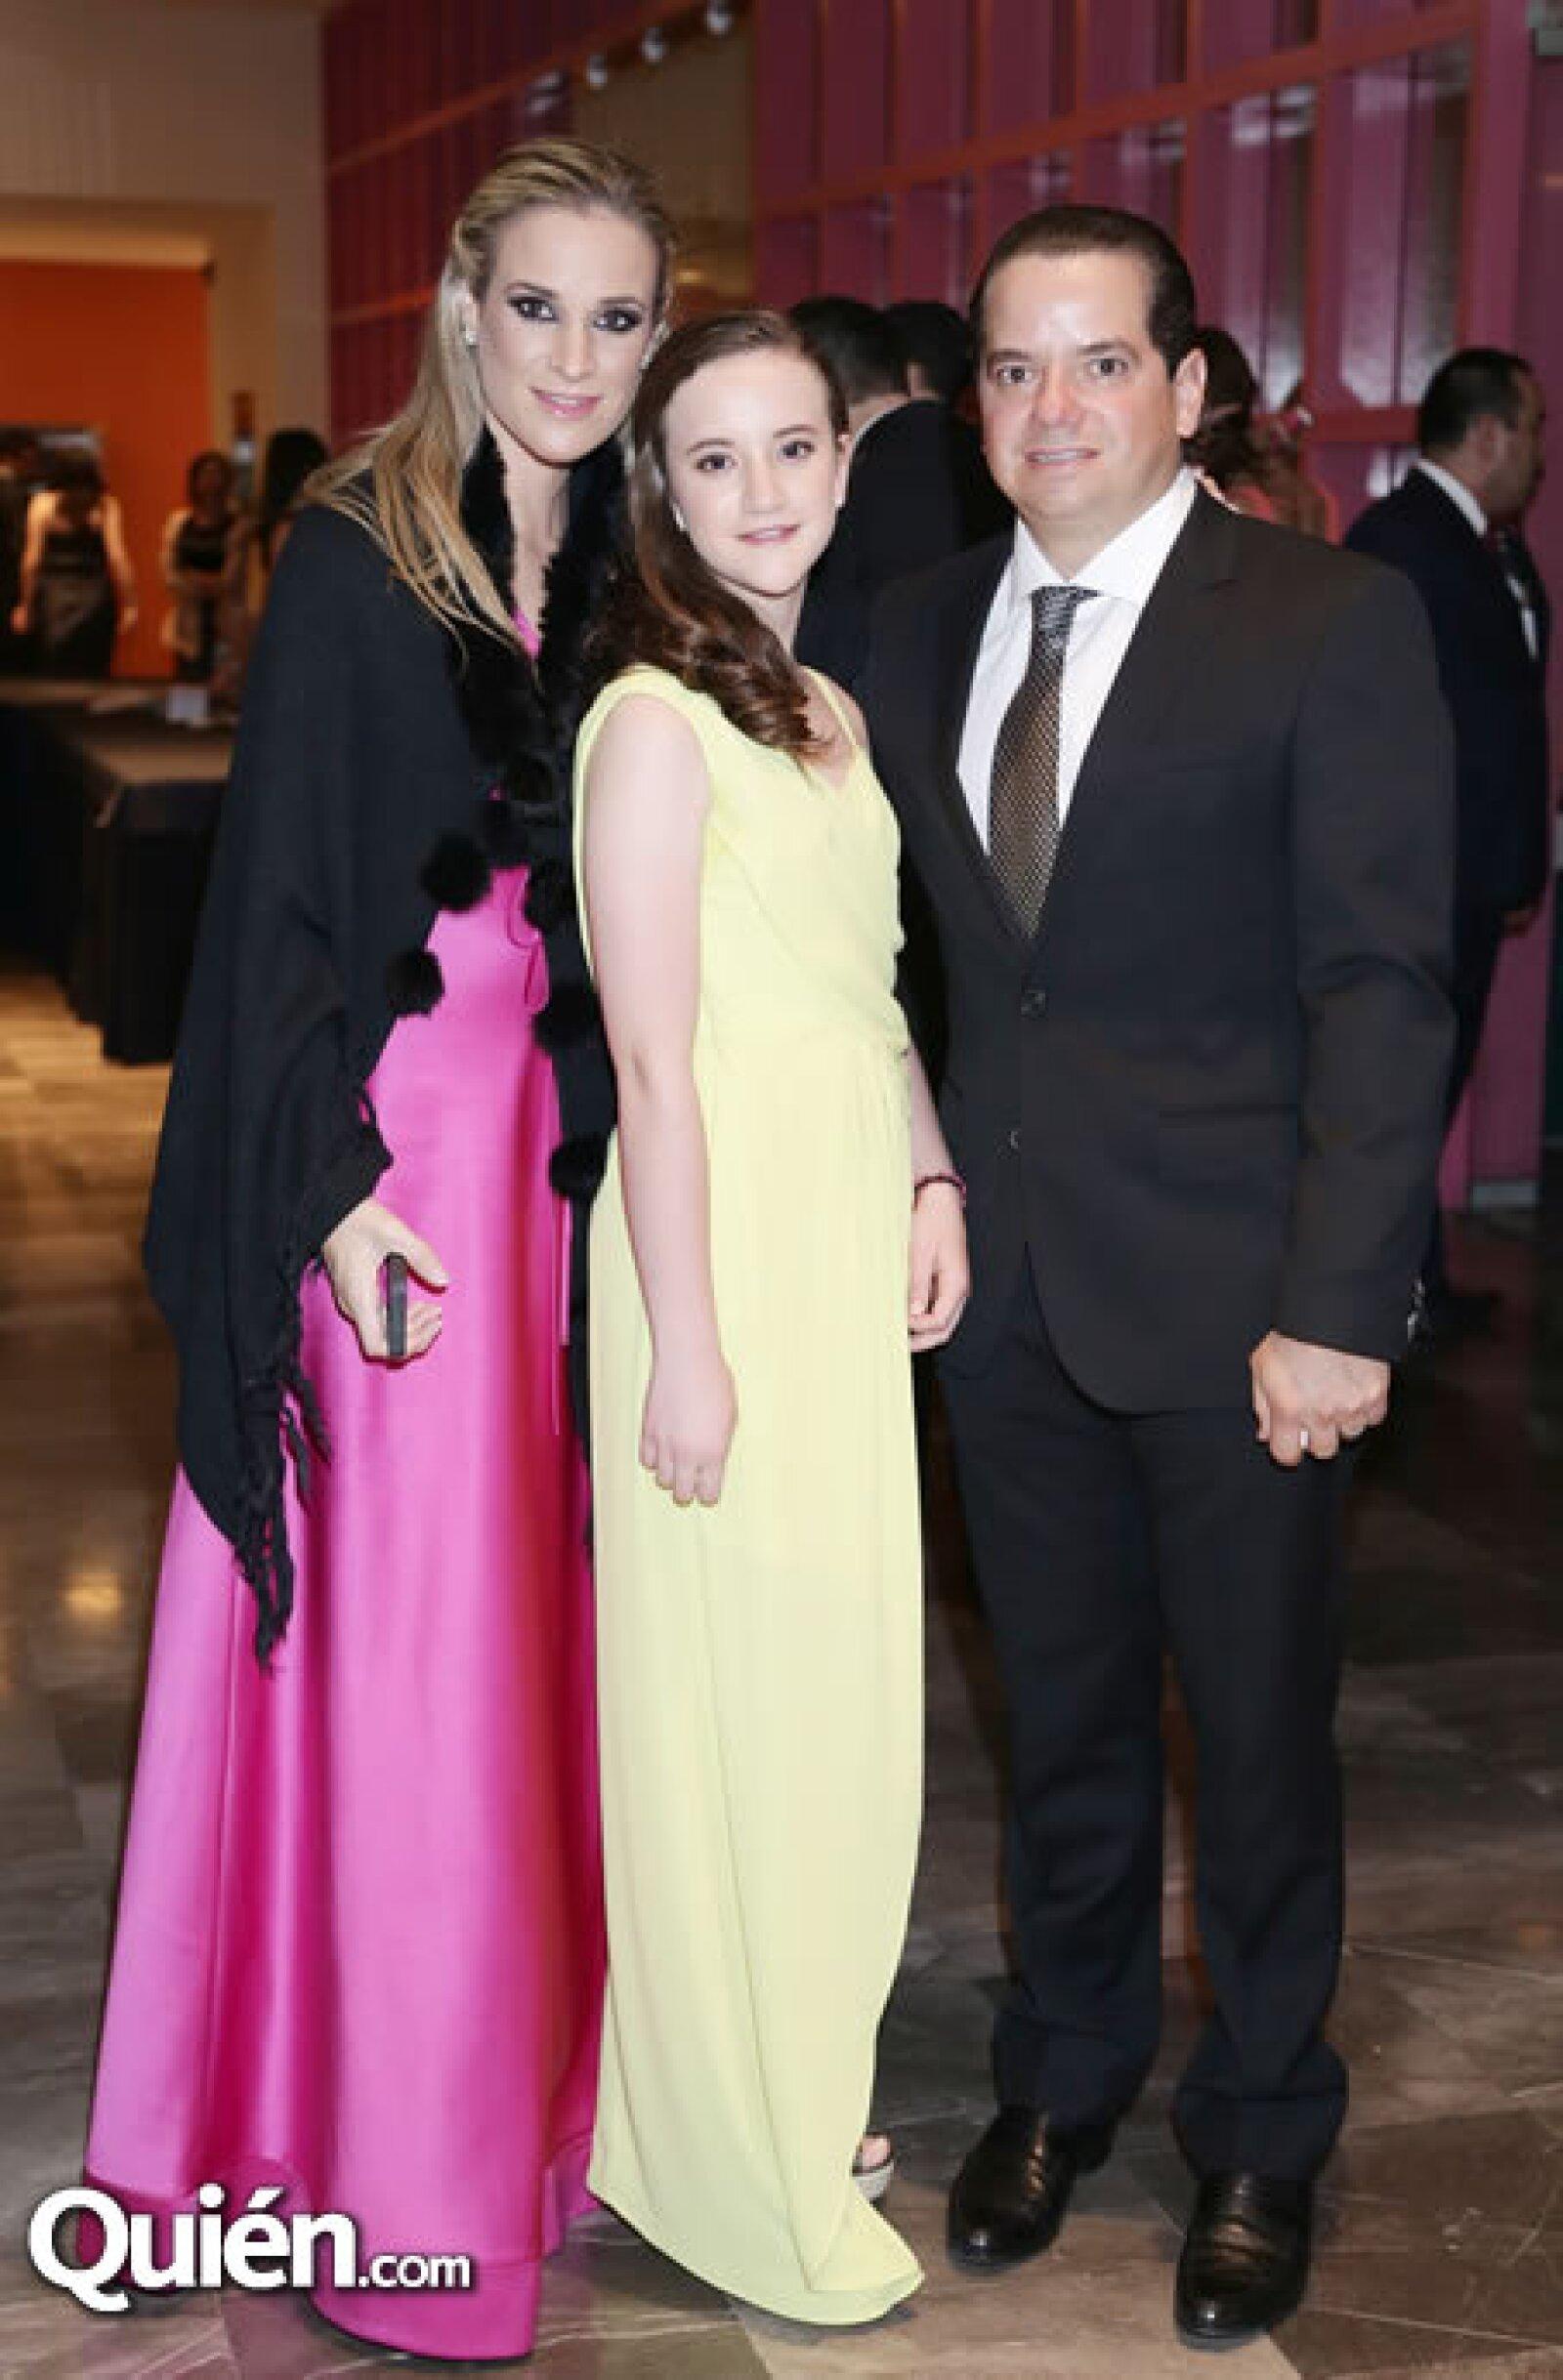 Cristina García,Malena Fernández,Mauricio Leiva